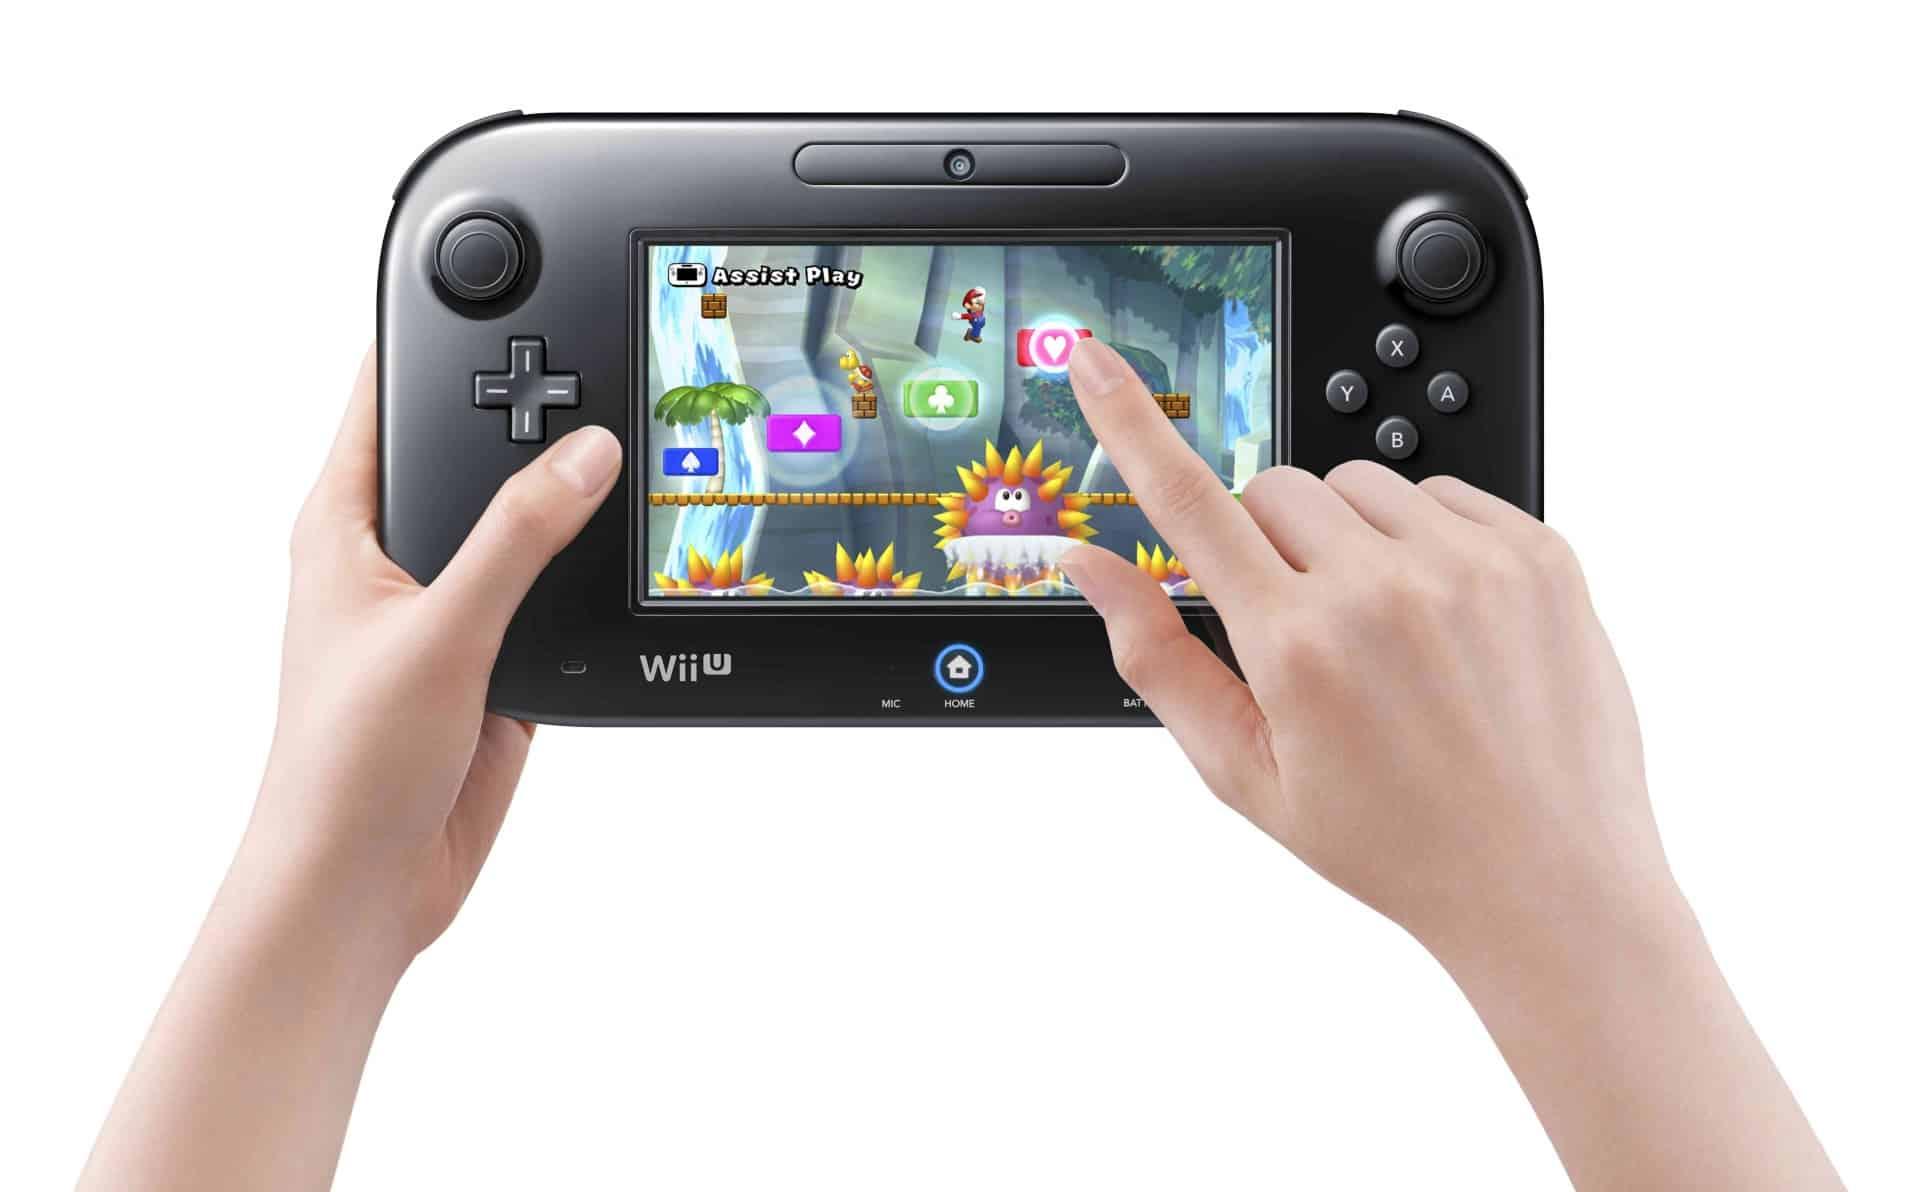 Los malos resultados de la Wii U han hecho que algunos accionistas de Nintendo pidan a la empresa abrirse a la posibilidad de trabajar para equipos móviles.